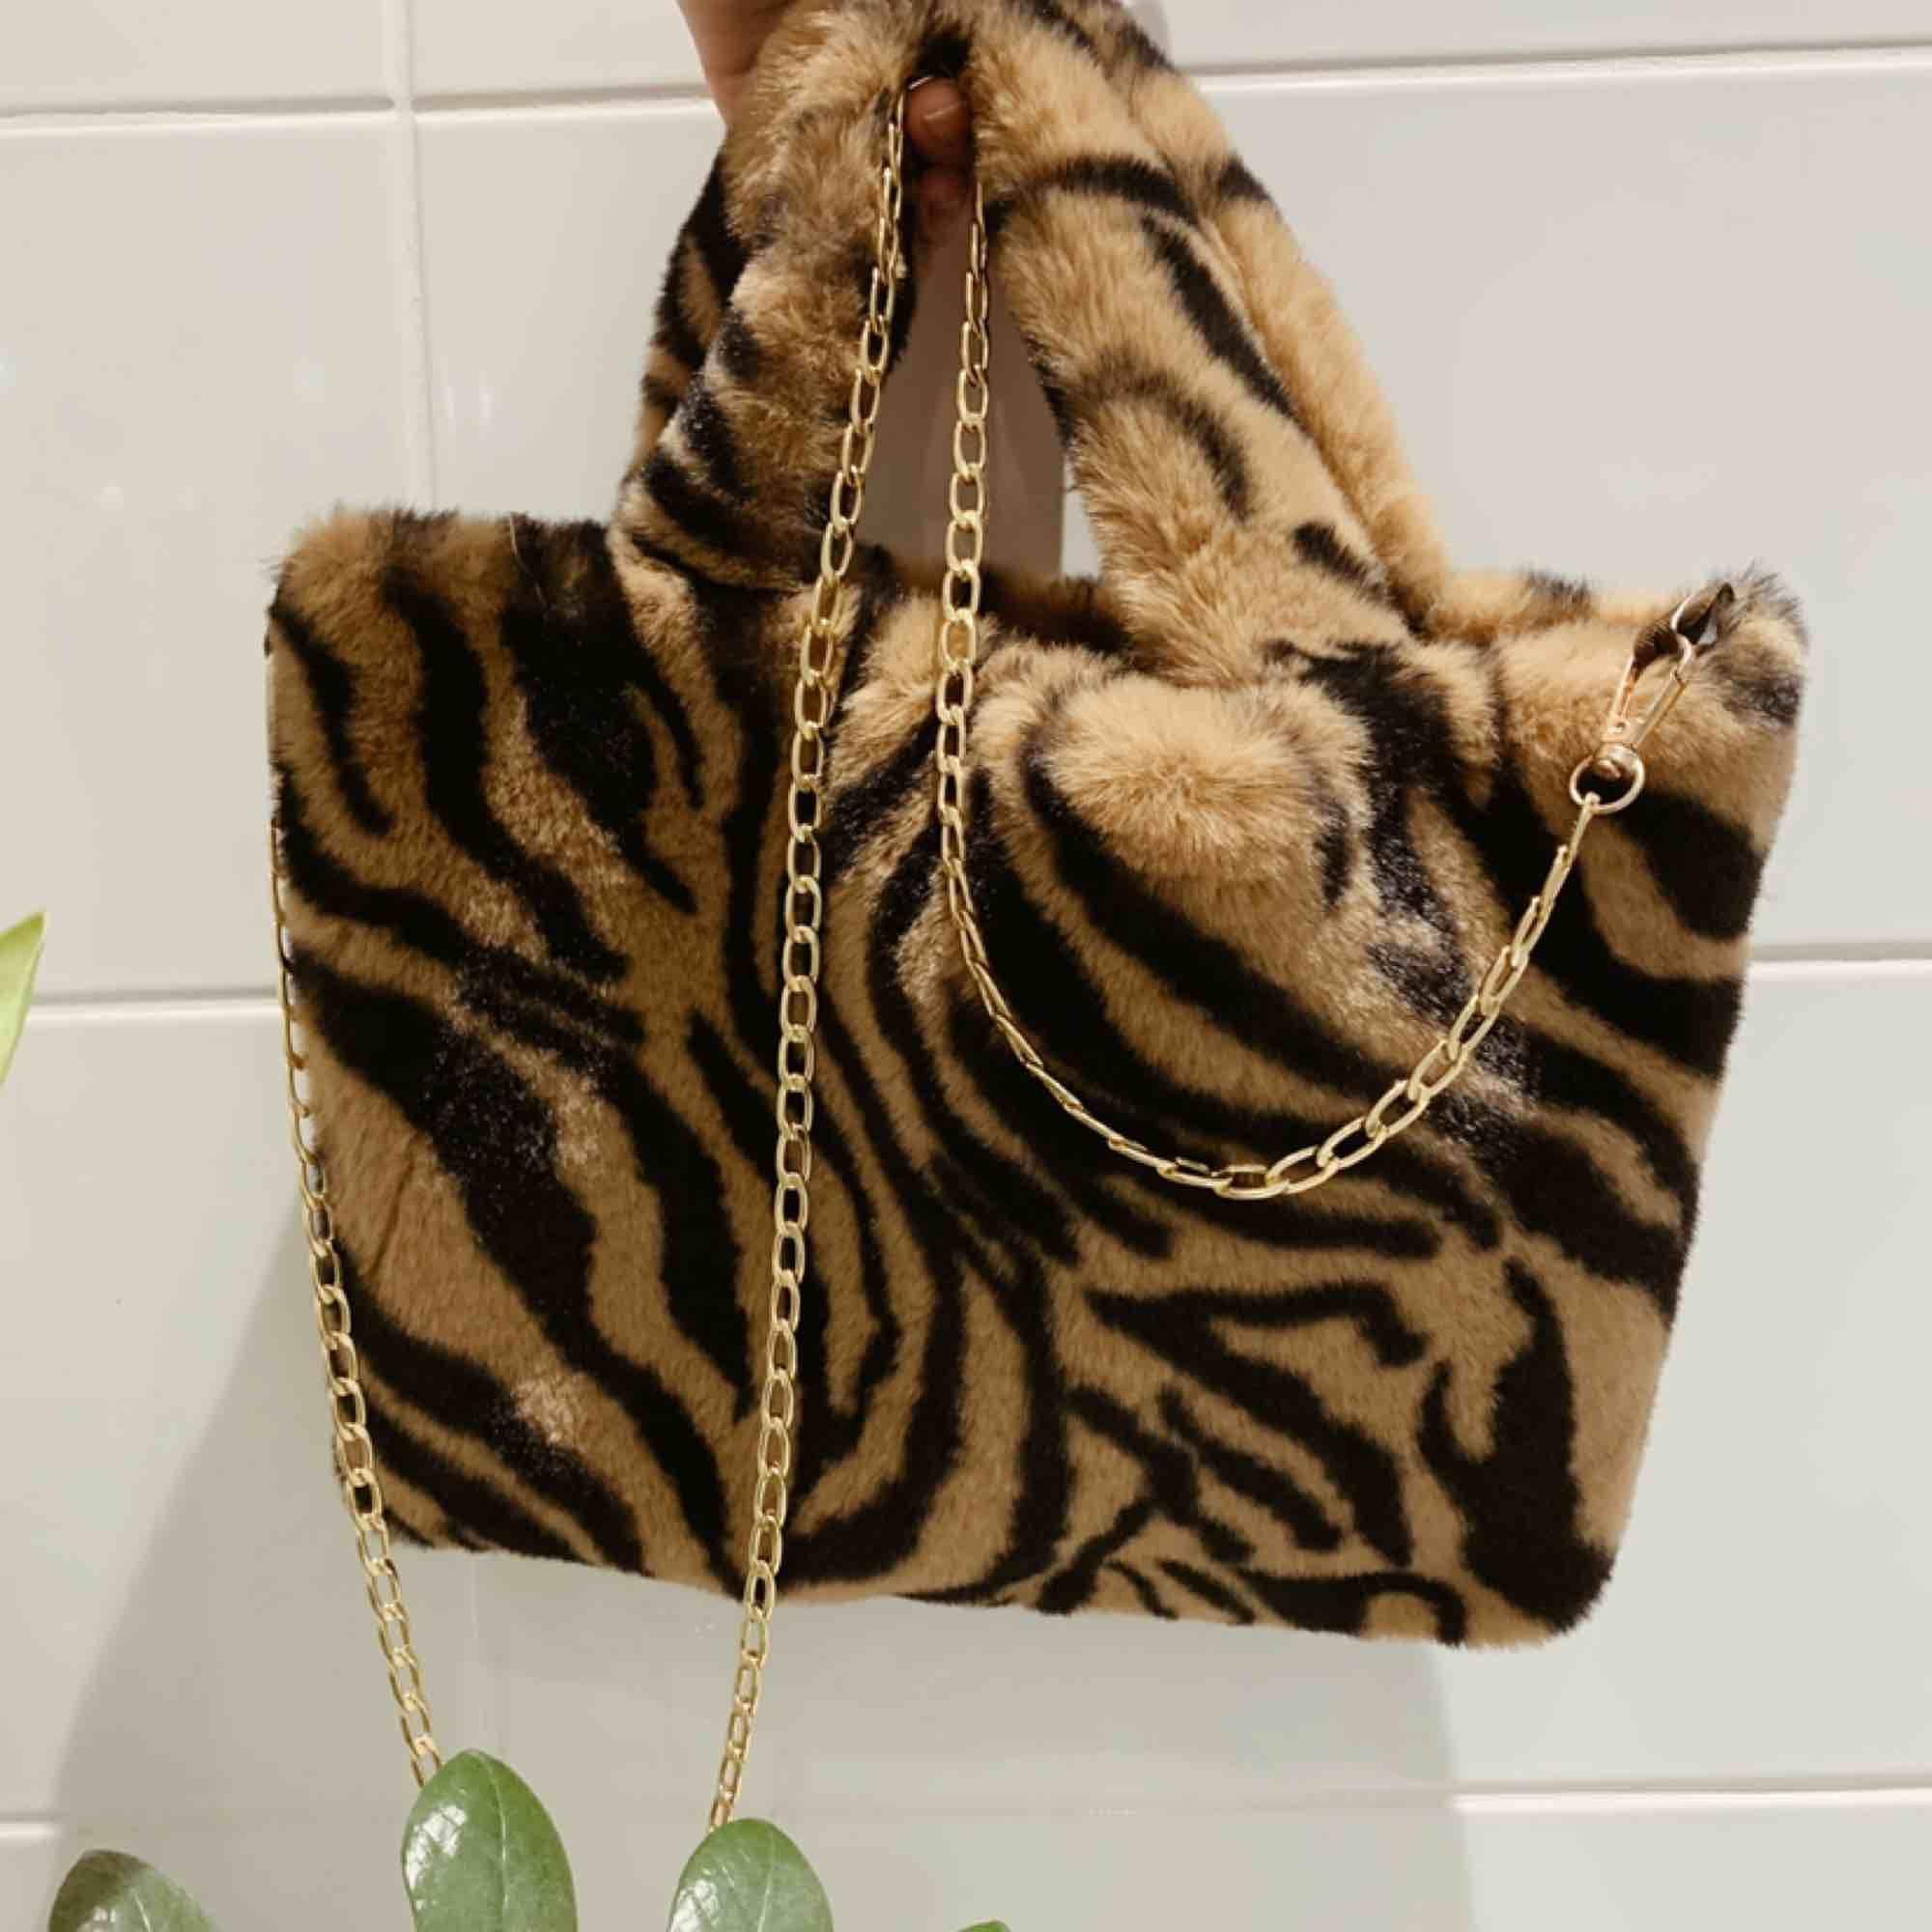 Fin väska i djurmönster, nyskick. 31x23cm. Smal guldkedja som axelrem. Frakt 44kr 💫. Väskor.